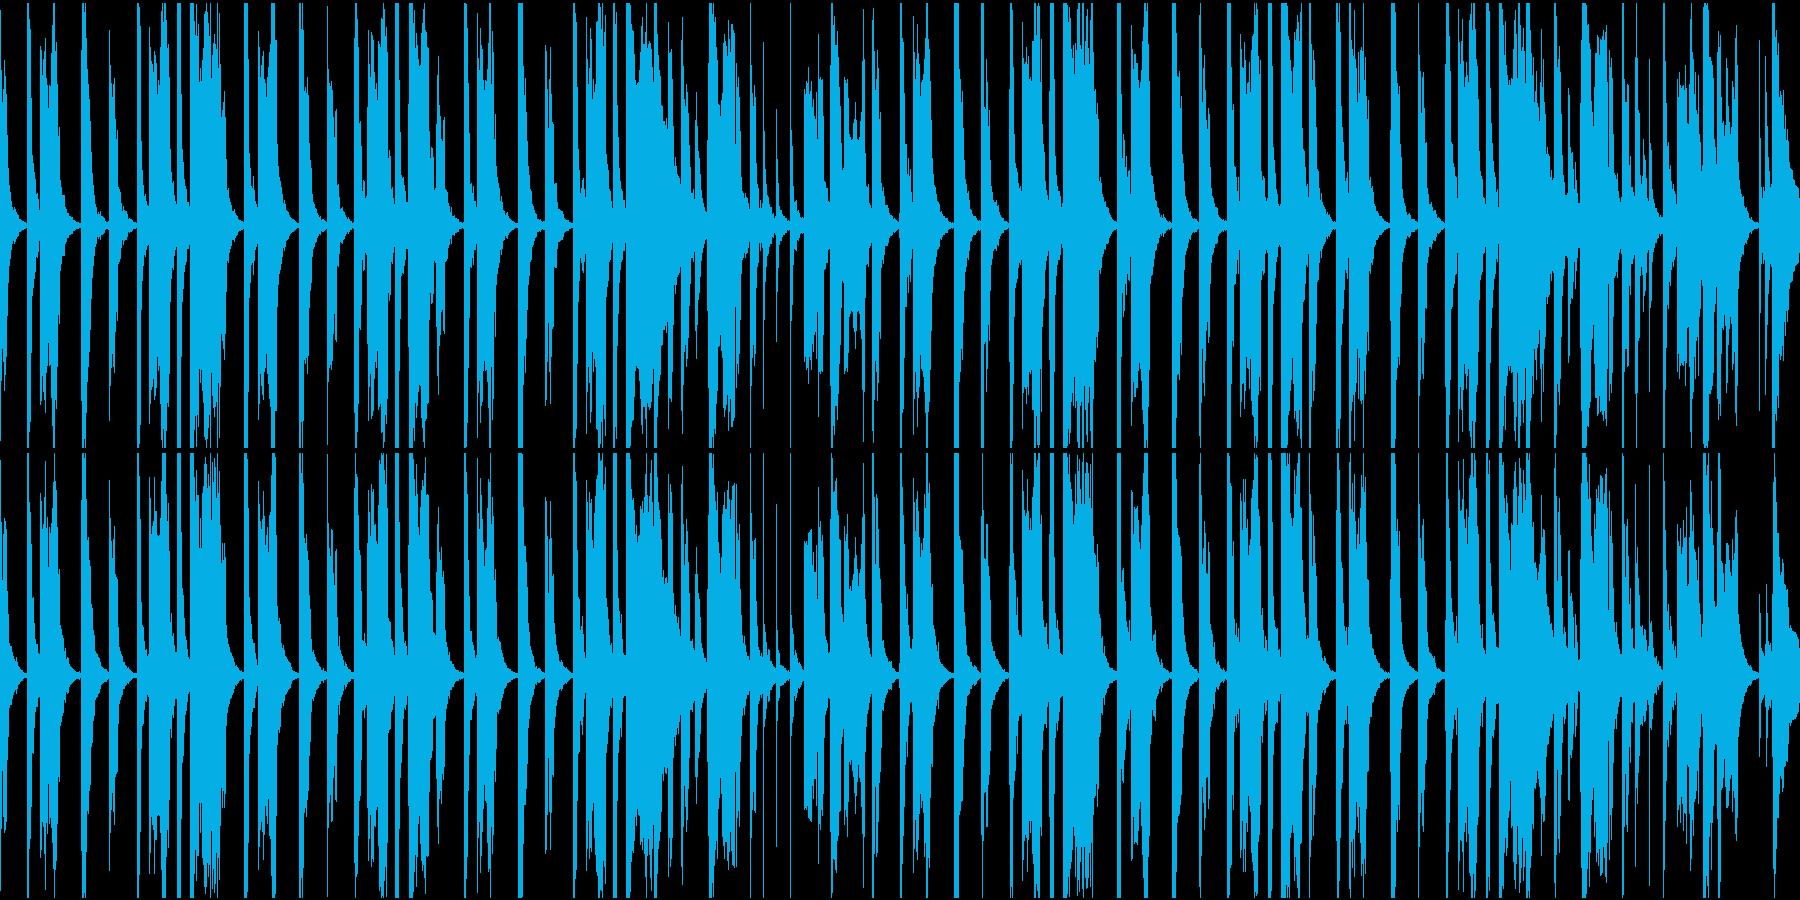 気の抜けたトンチンカンなシーンのBGMの再生済みの波形